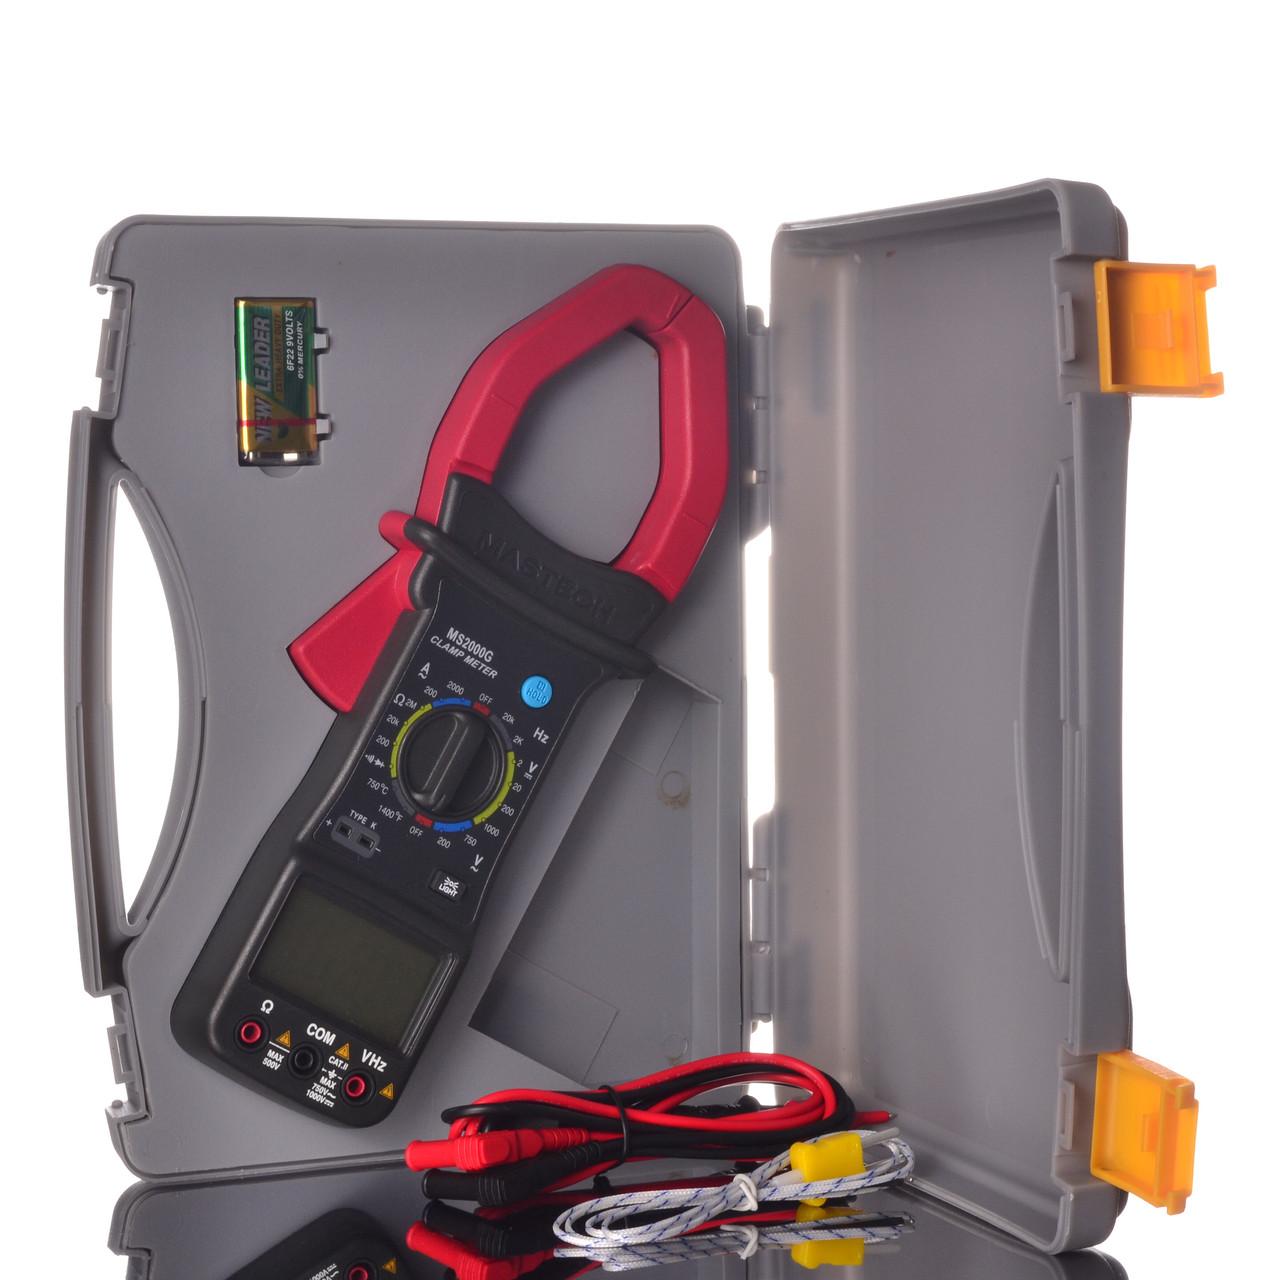 Токоизмерительные токовые клещи Mastech MS2000G в кейсе мультиметр и термопара